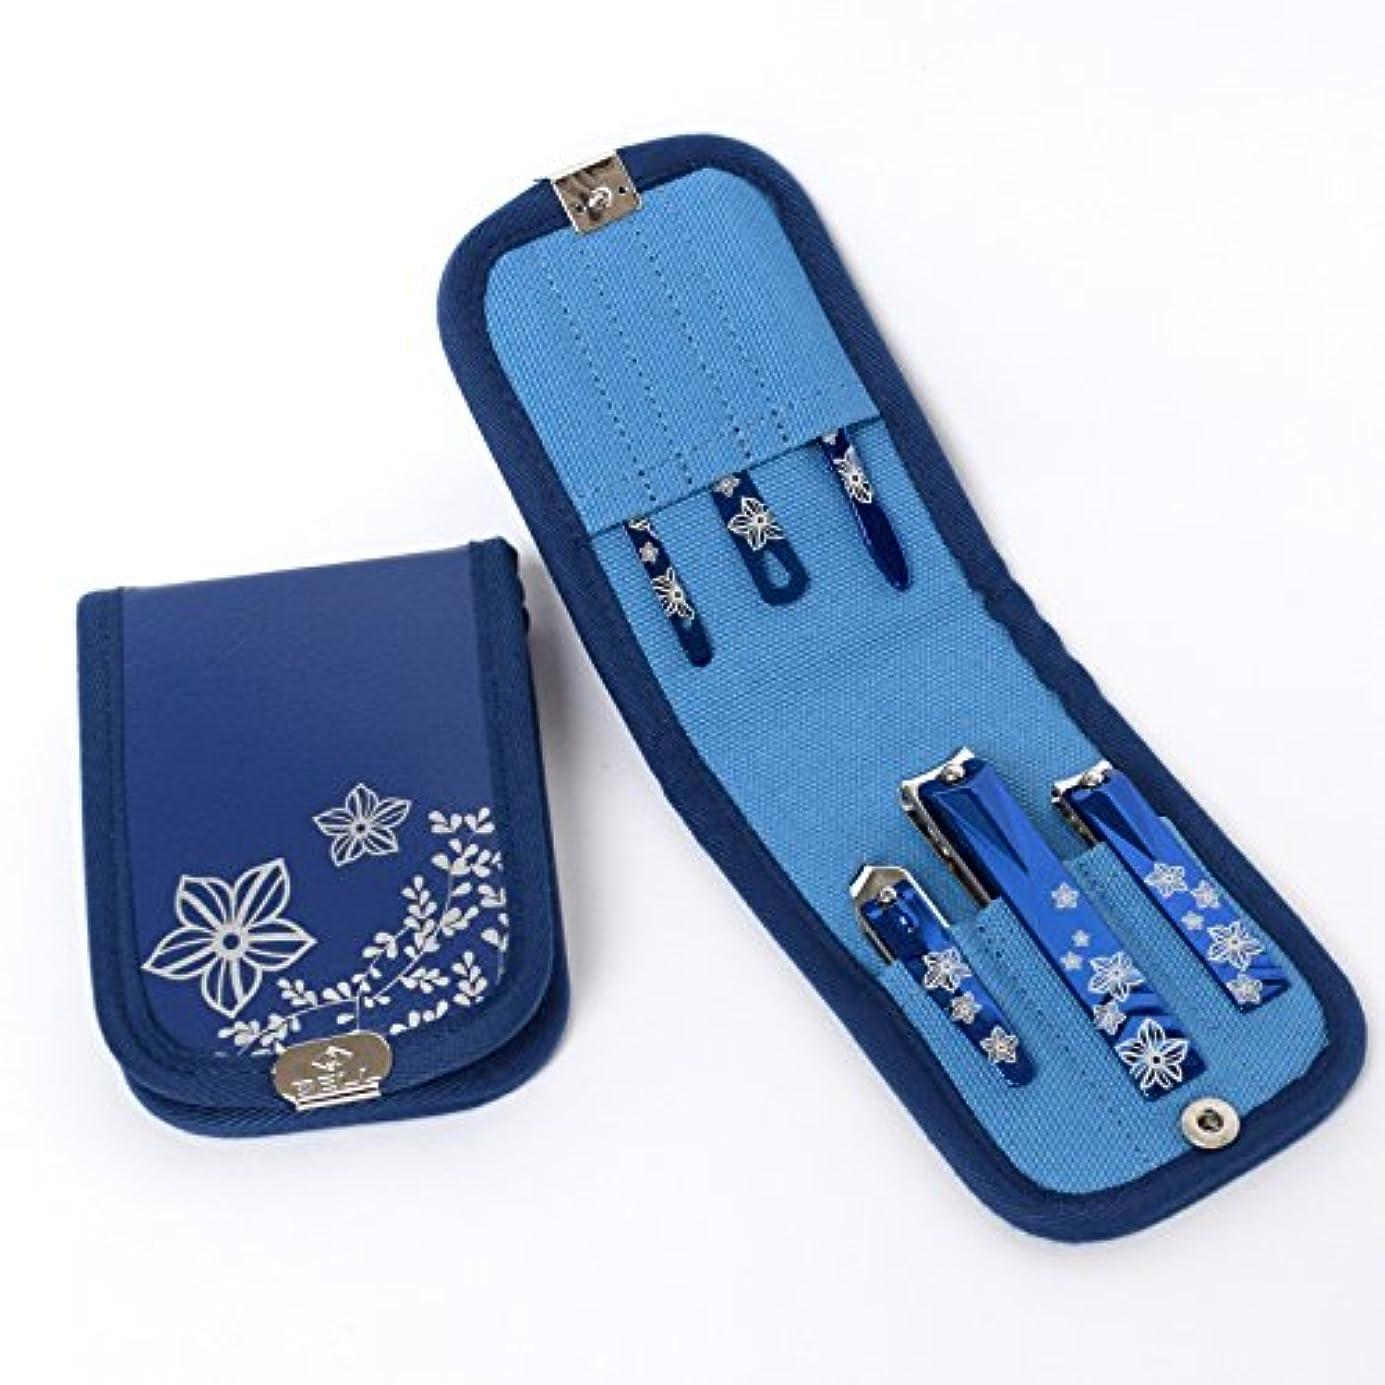 灰たくさんのマイコンBELL Manicure Sets BM-360 ポータブル爪の管理セット 爪切りセット 高品質のネイルケアセット高級感のある東洋画のデザイン Portable Nail Clippers Nail Care Set